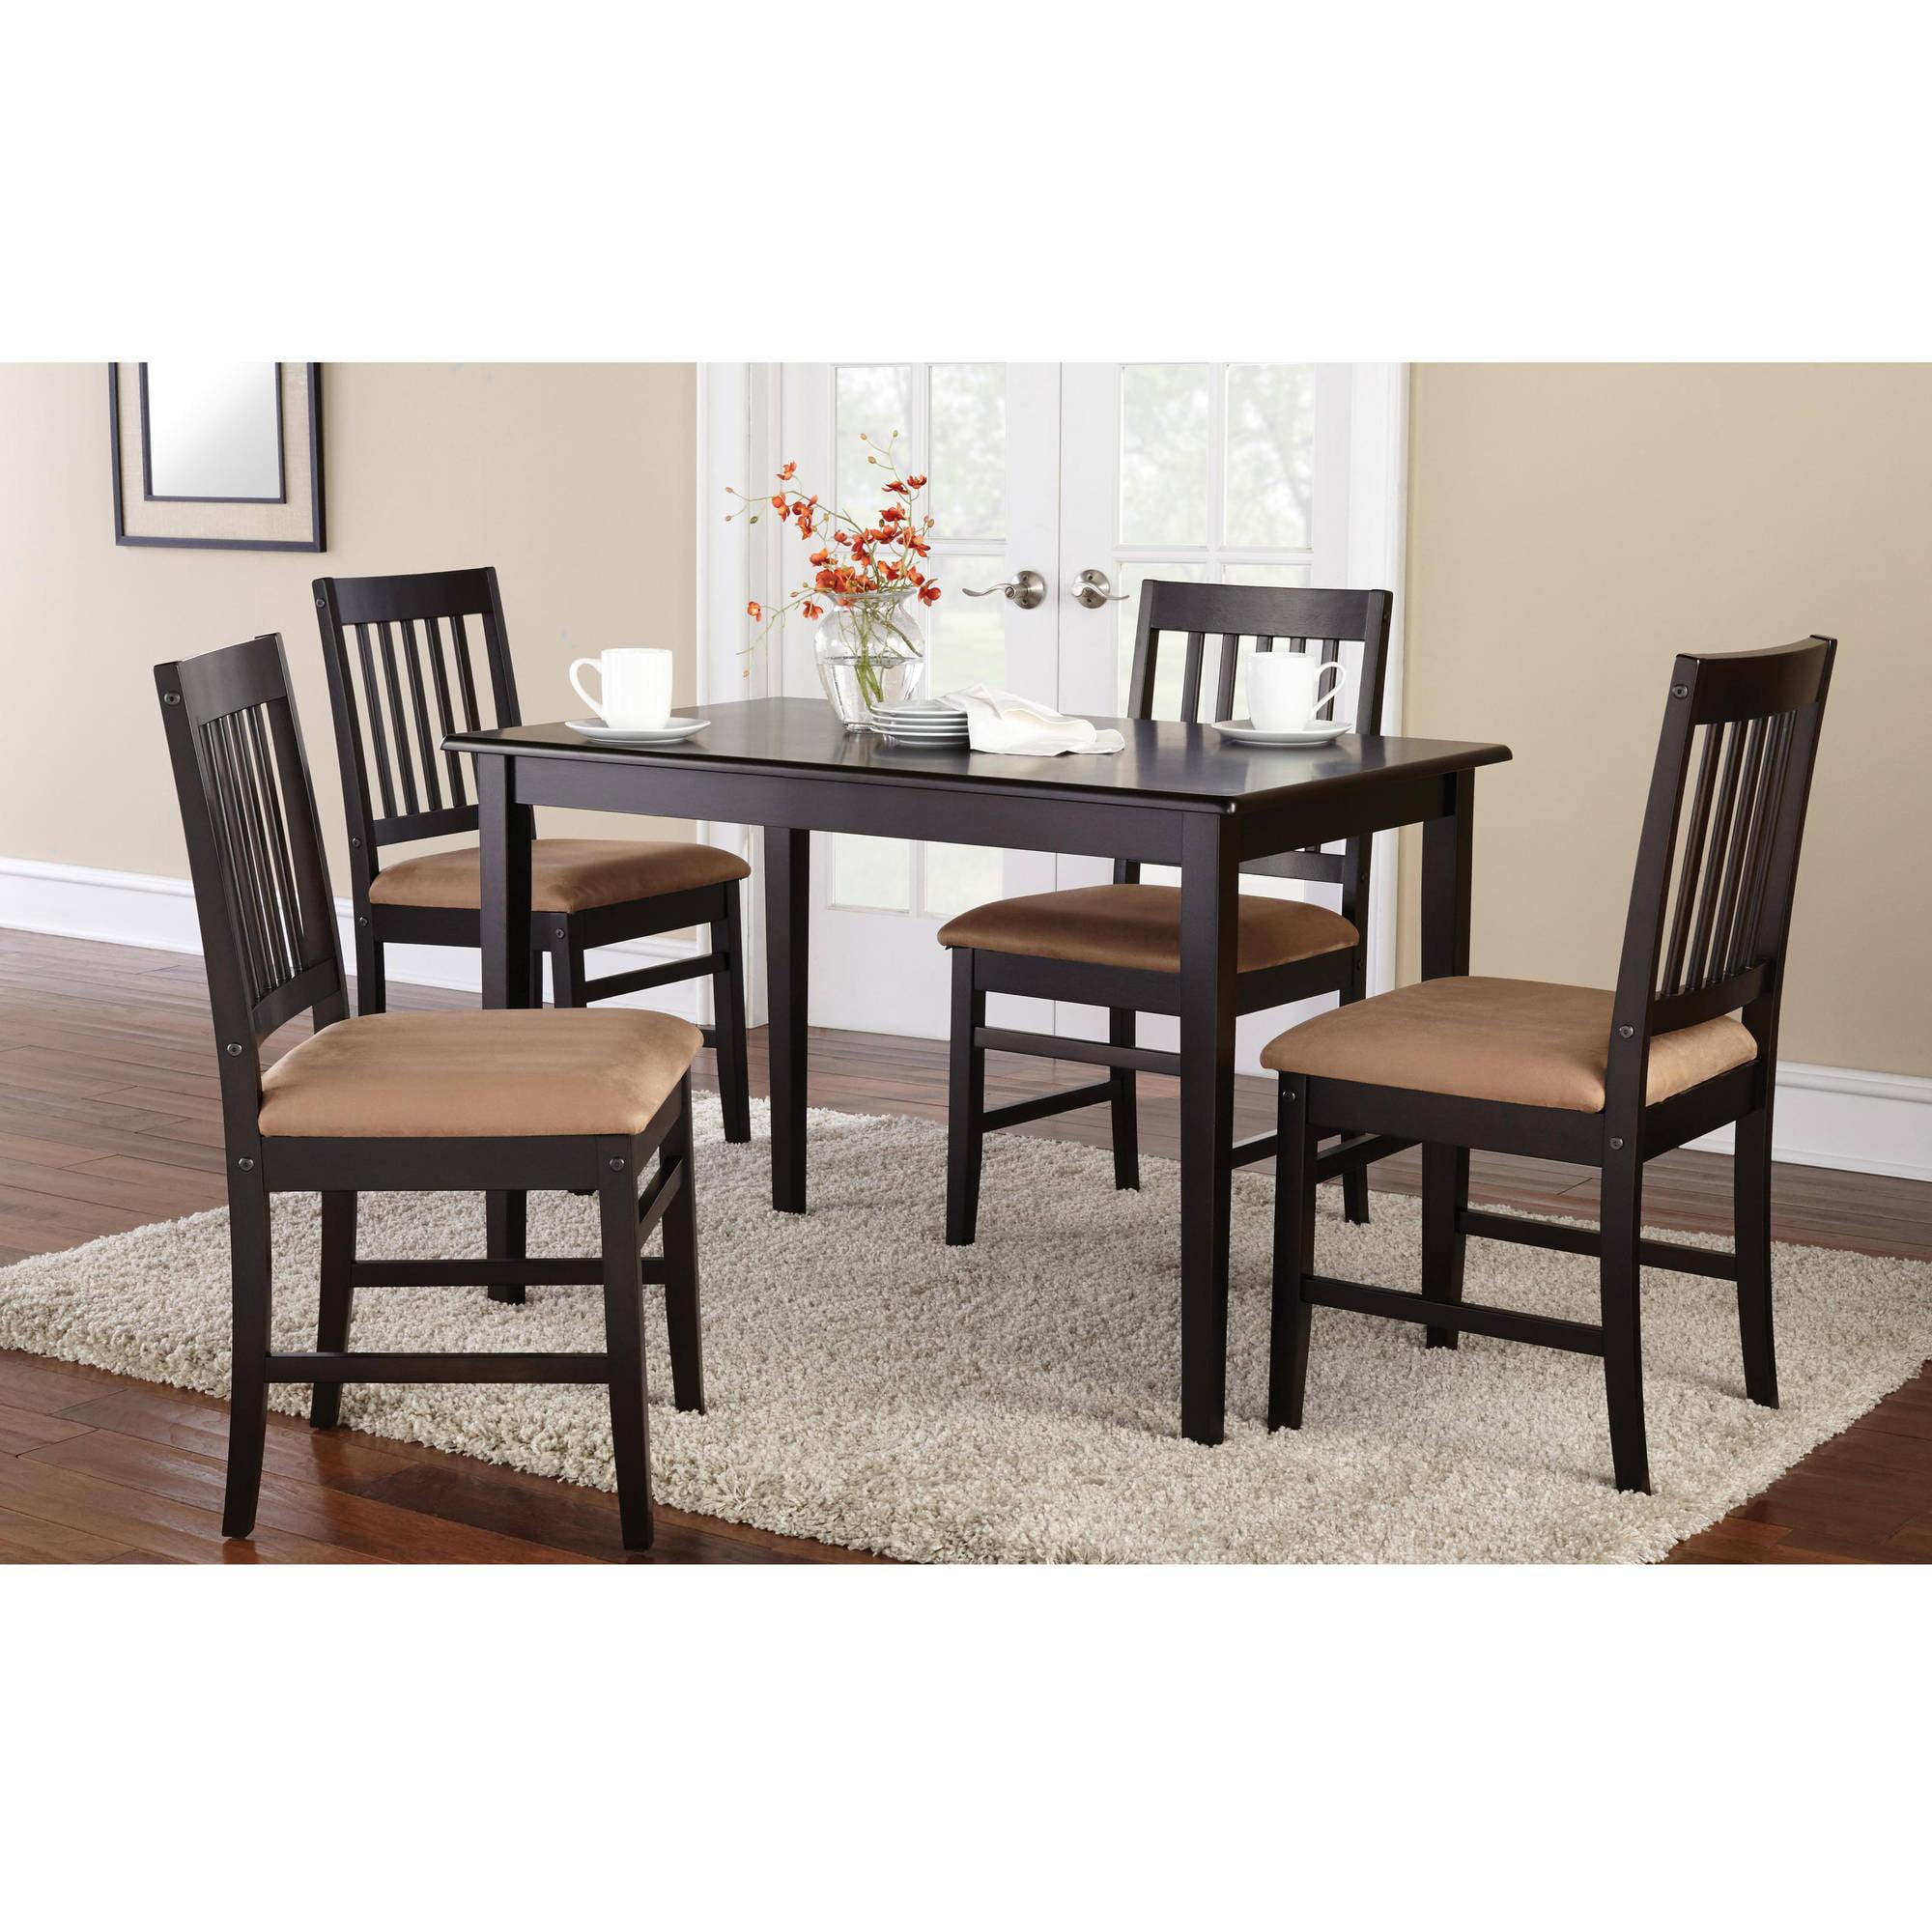 Mainstays 9 Piece Dining Set, Espresso   Walmart.com